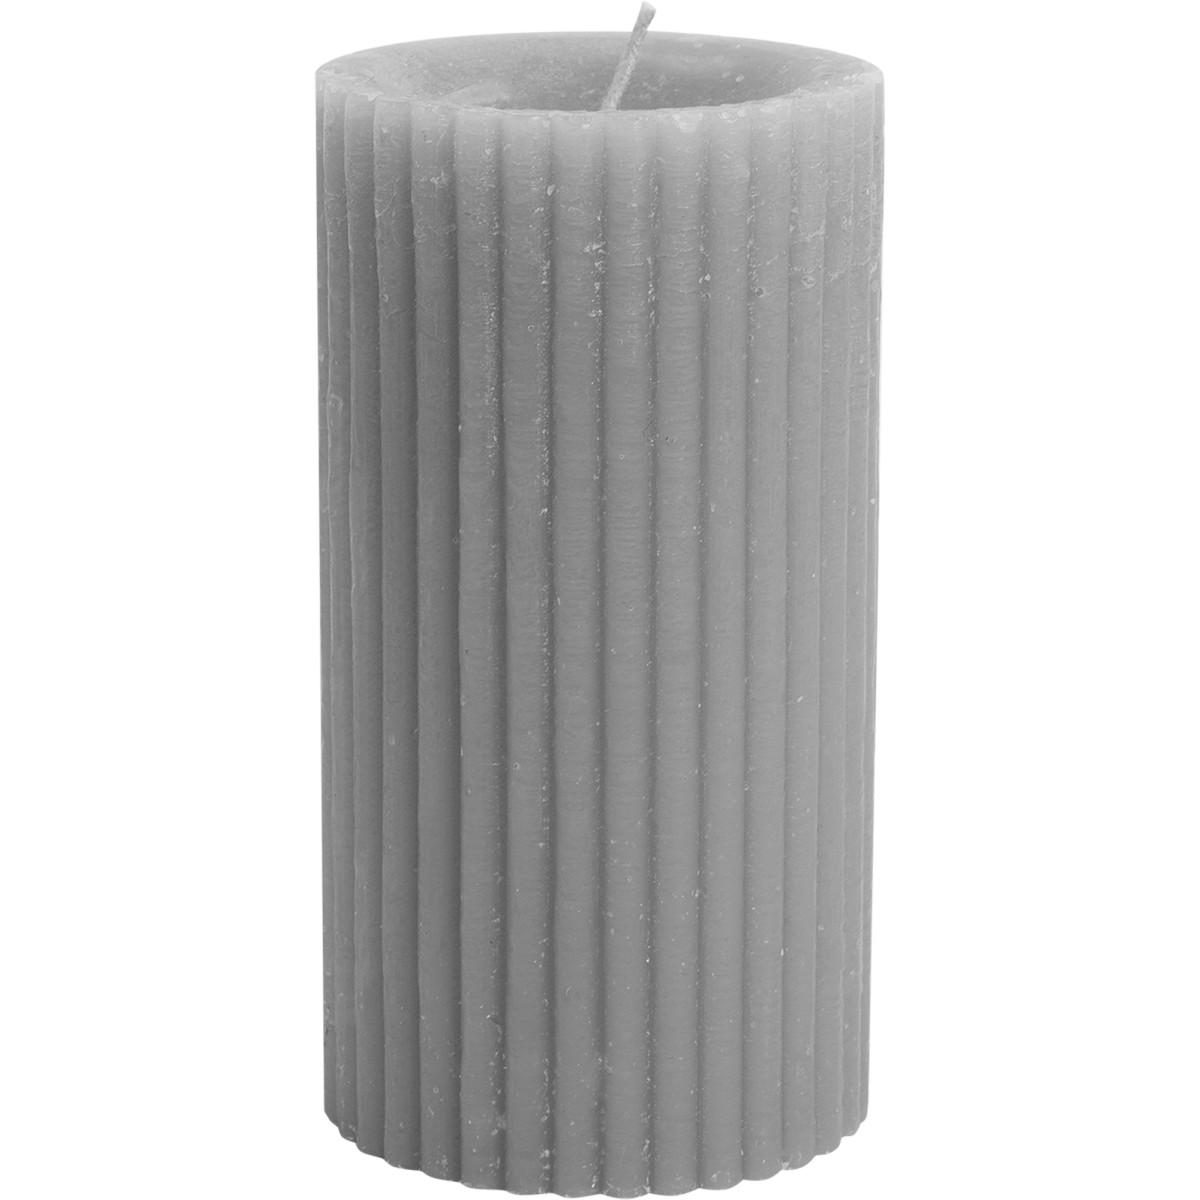 Свеча-столбик Формовая 7x13 см цвет серый